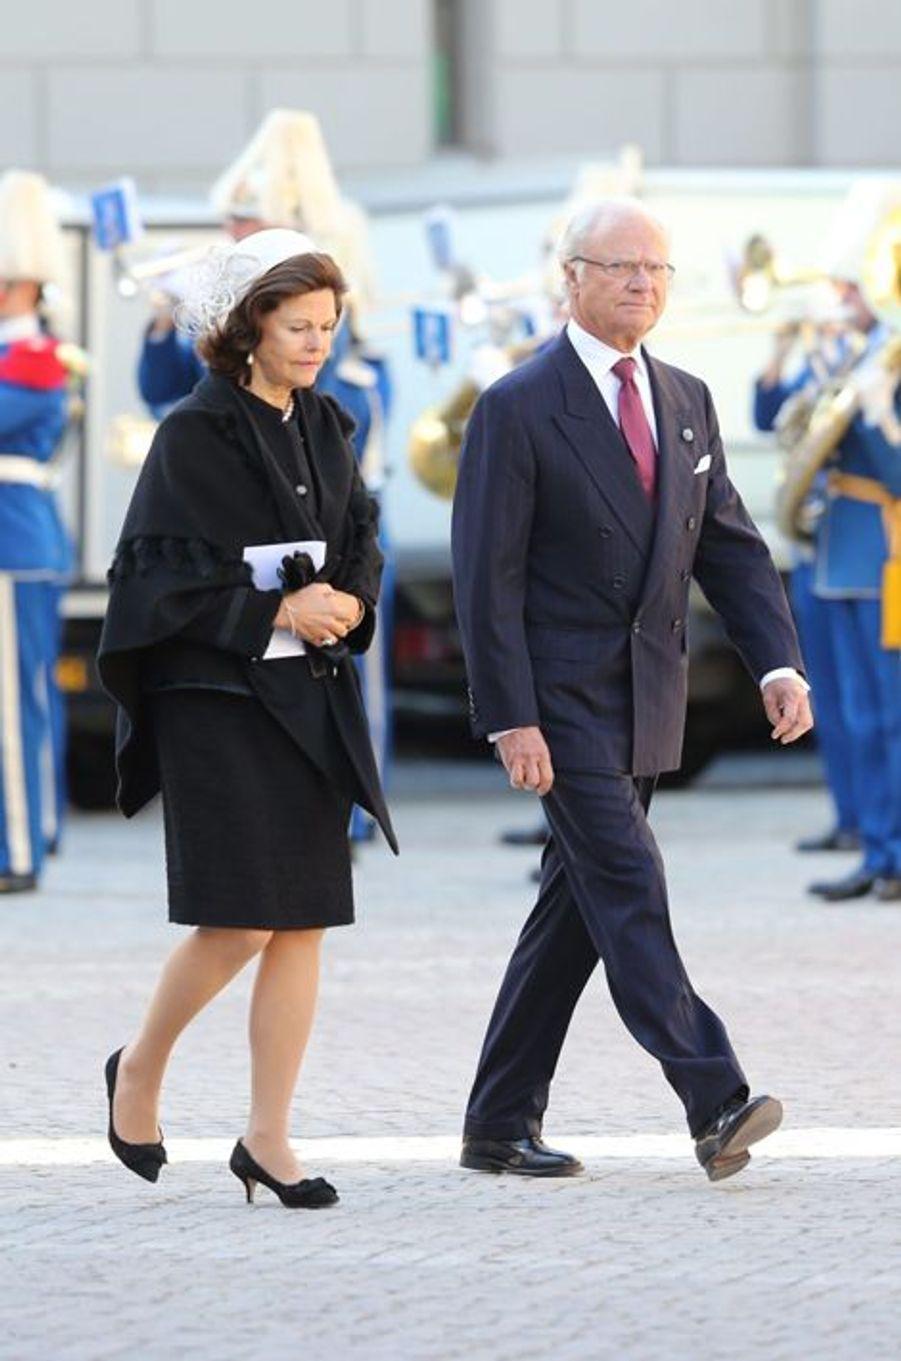 Le Le roi Carl XVI Gustav et la reine Silvia à la rentrée du Parlement de Suède, le 30 septembre 2014